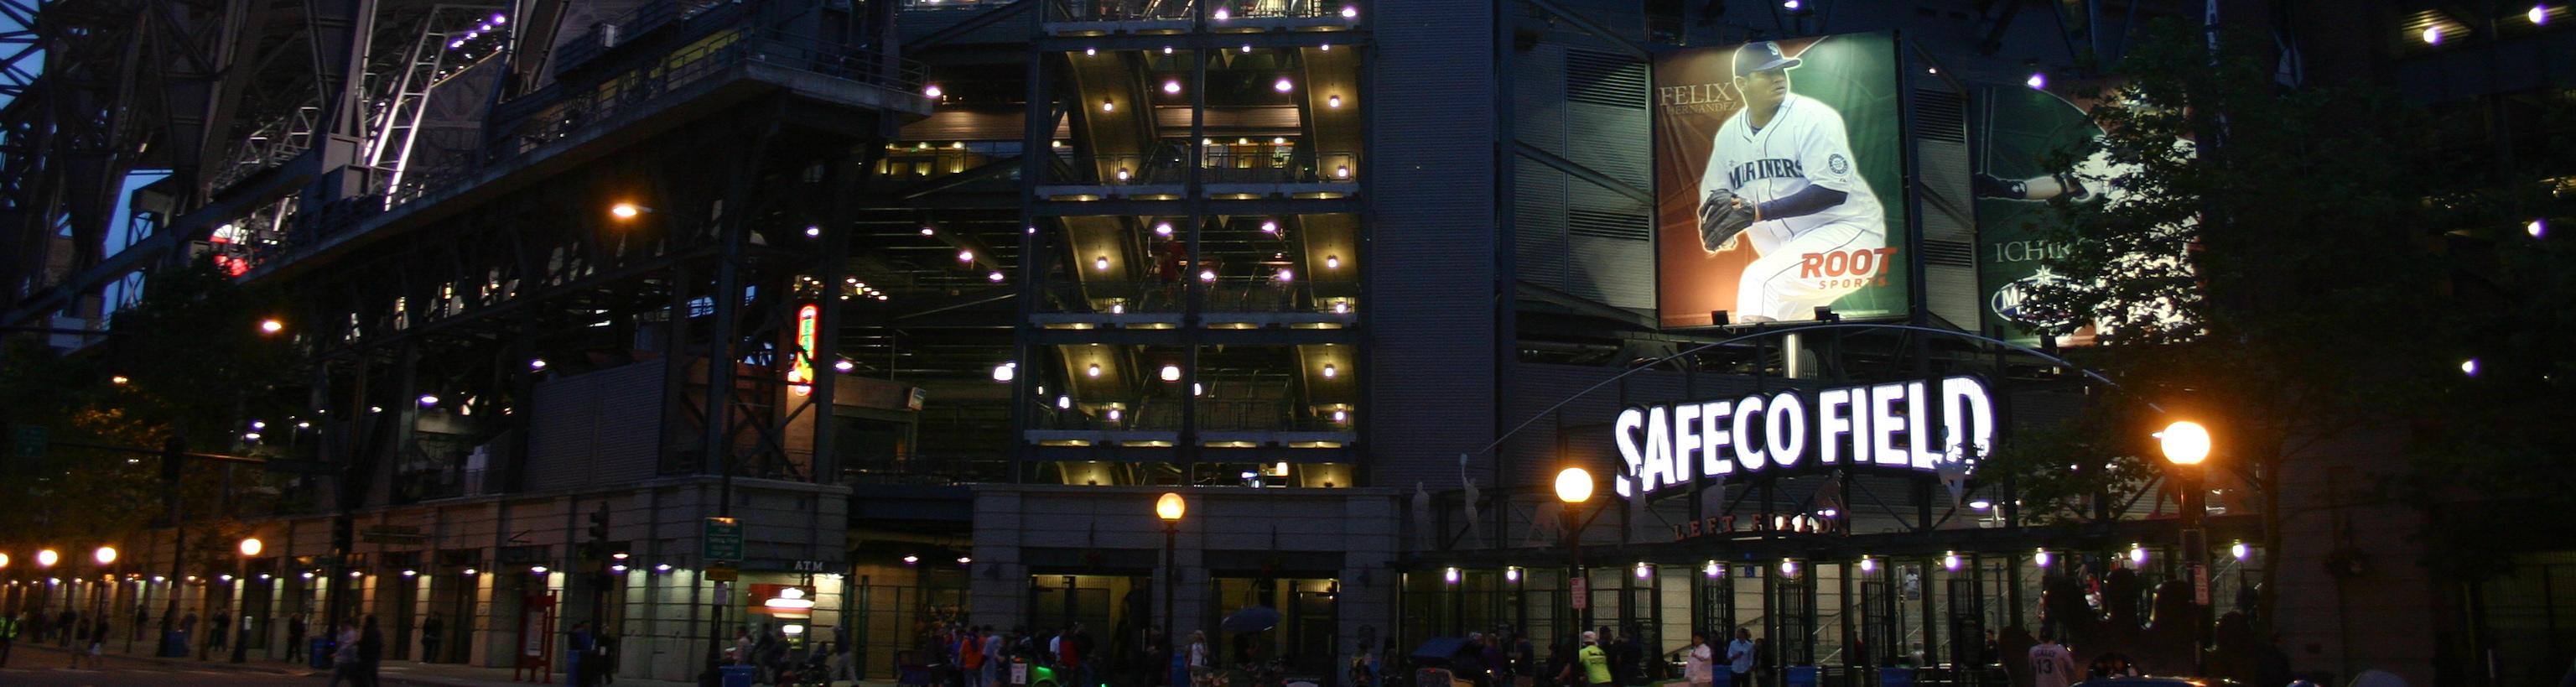 Safeco_Field_Exterior_Night.jpg